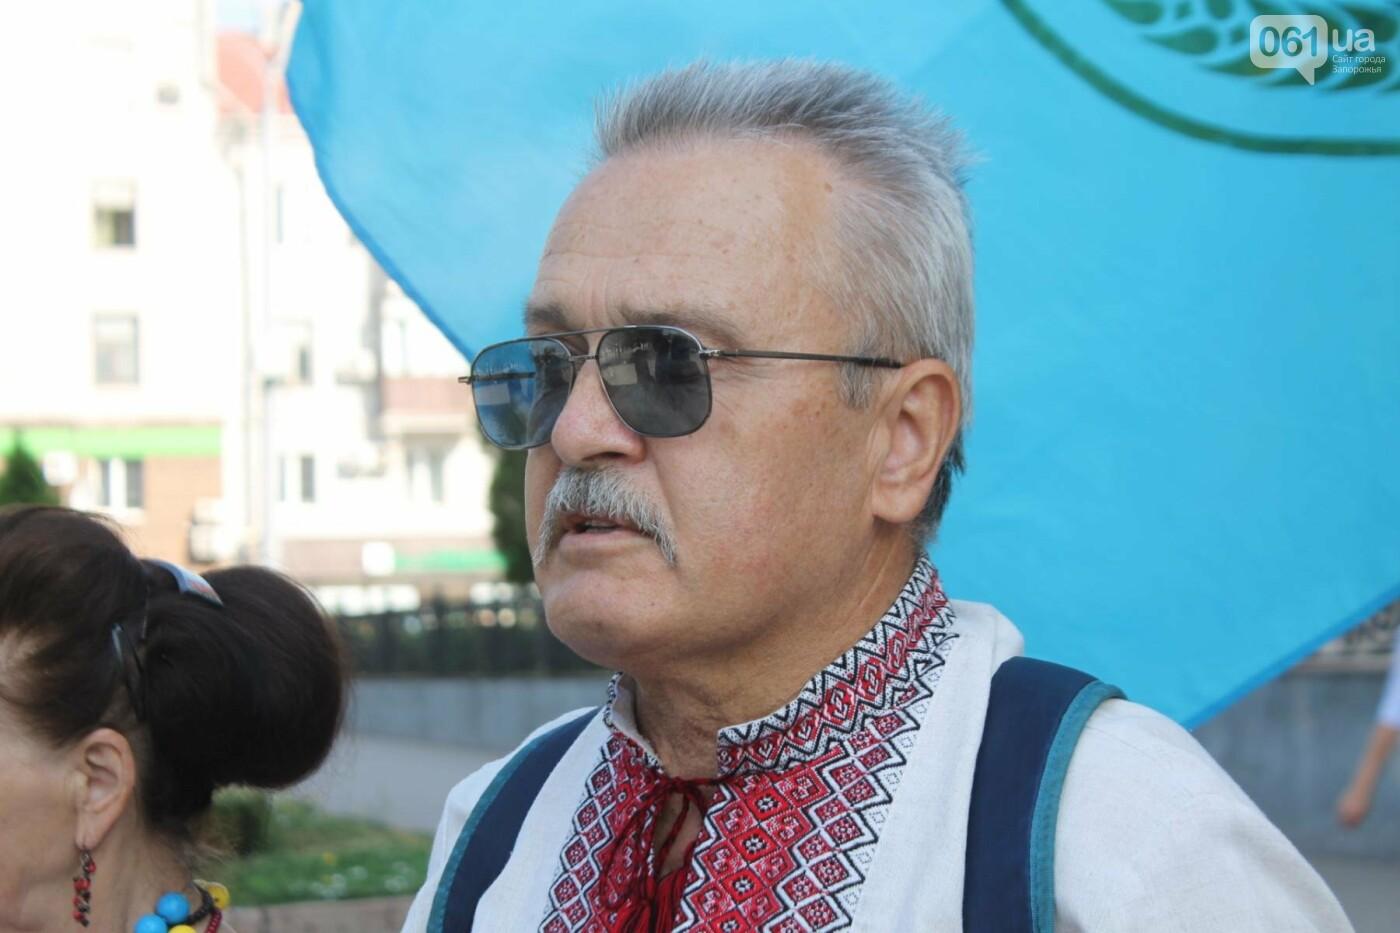 В Запорожье на митинг в защиту украинского языка под мэрию вышли 5 человек, – ФОТОРЕПОРТАЖ, фото-2